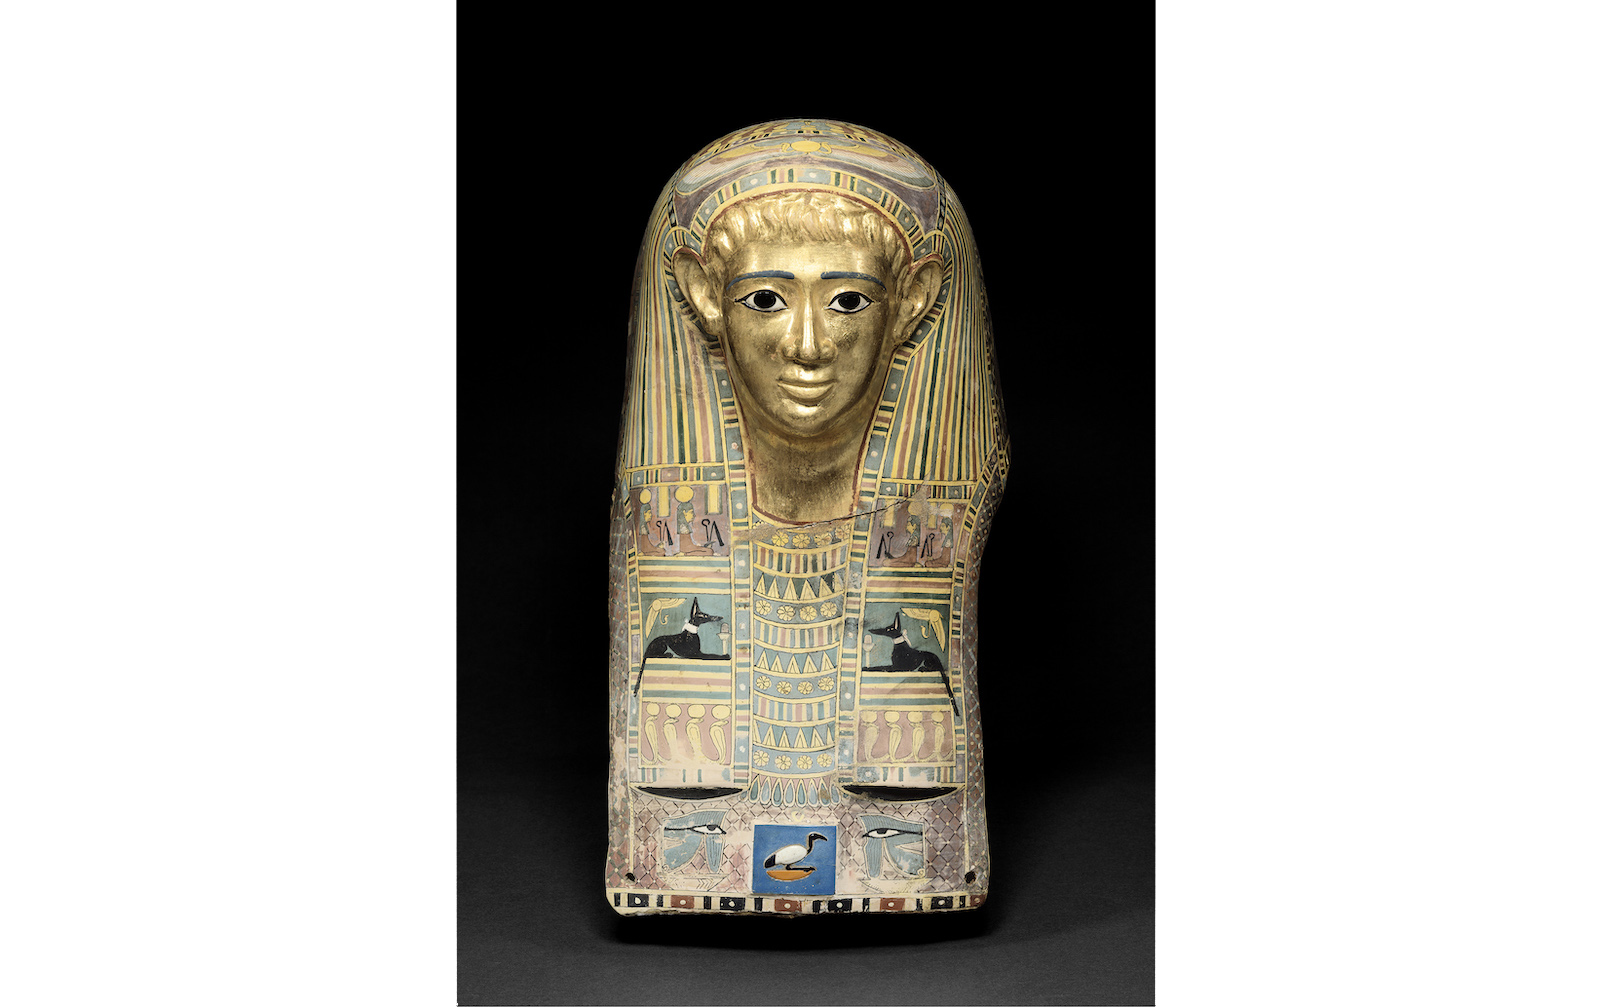 パレメチュシグのミイラ・マスク/後50 〜後100年頃© Staatliche Museen zu Berlin, Ägyptisches Museum<br /> und Papyrussammlung/M. Büsing